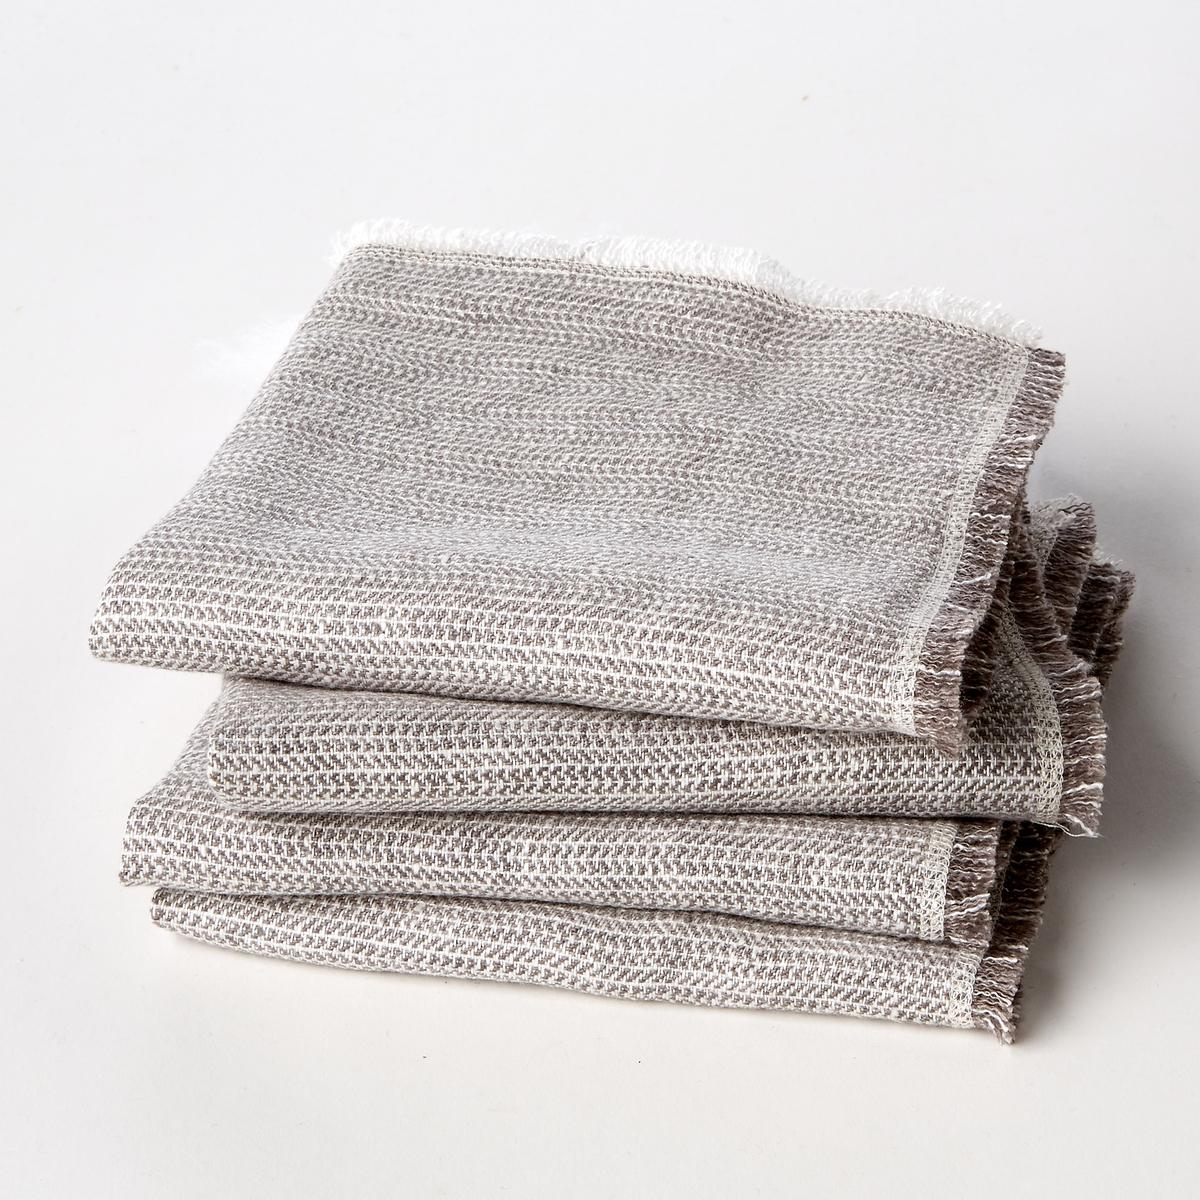 4 салфетки столовых Linette, лен с зигзагообразным рисунком